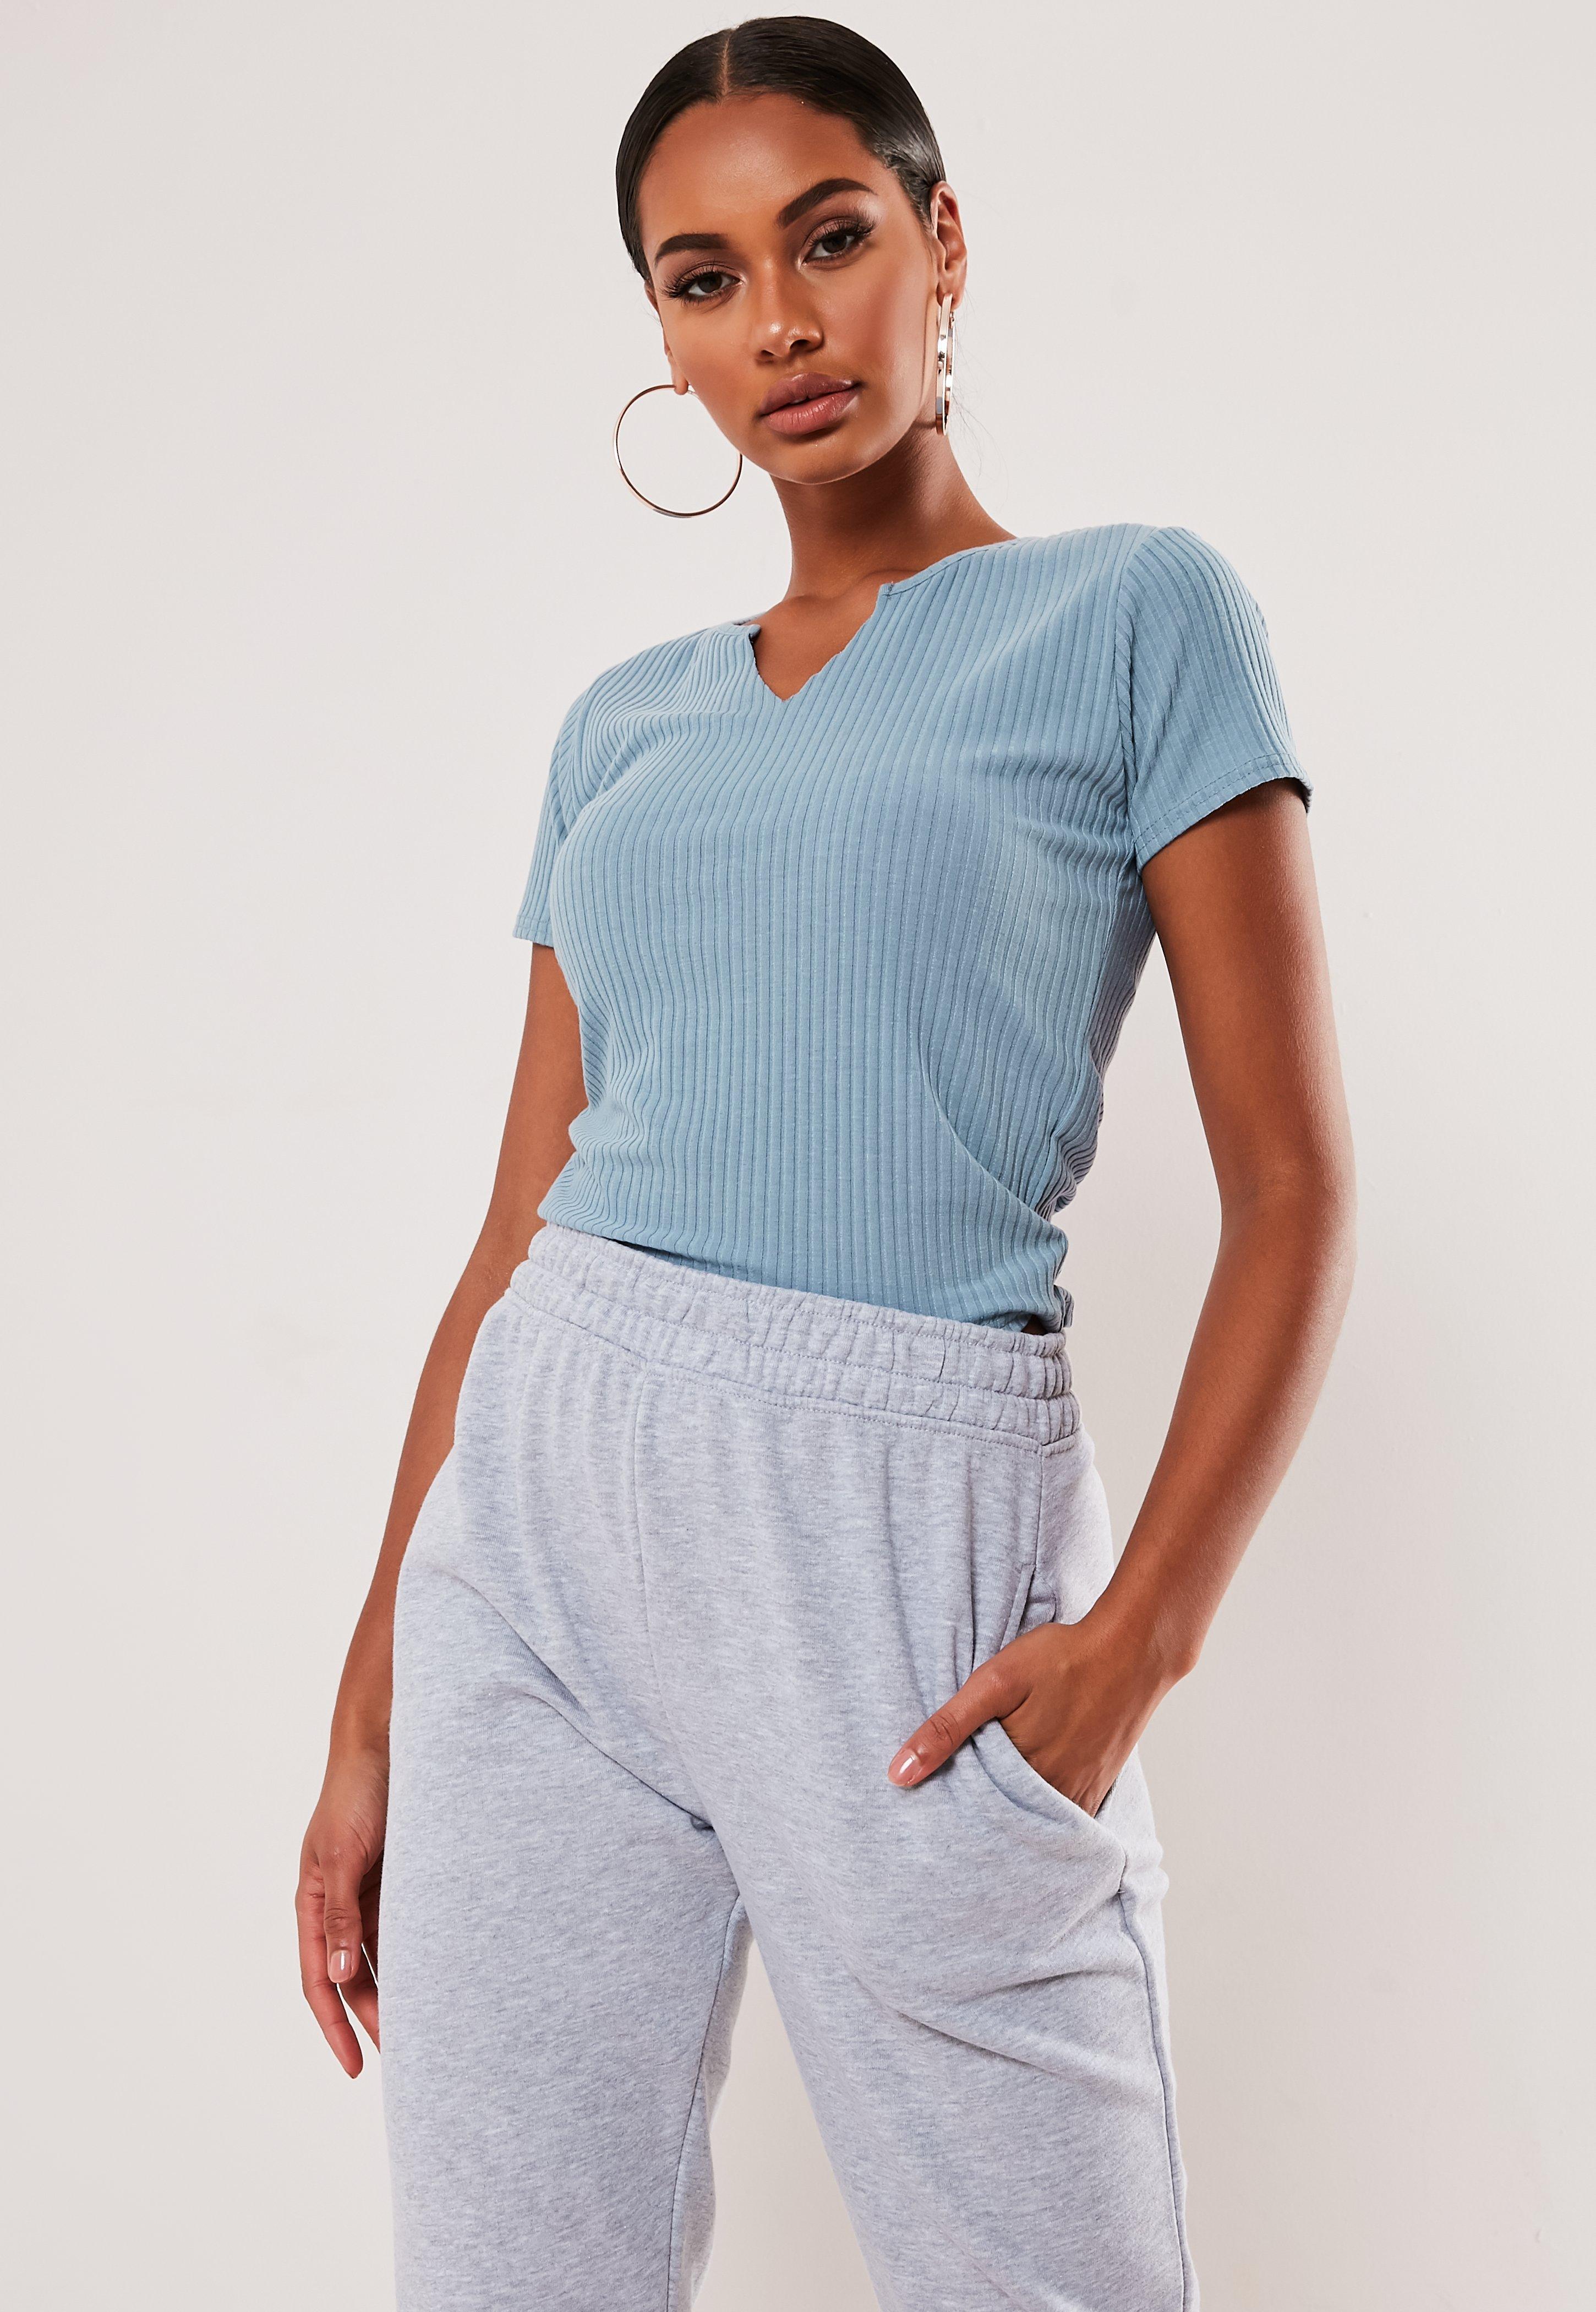 735b7515275 Blue Ribbed Notch Neck T Shirt